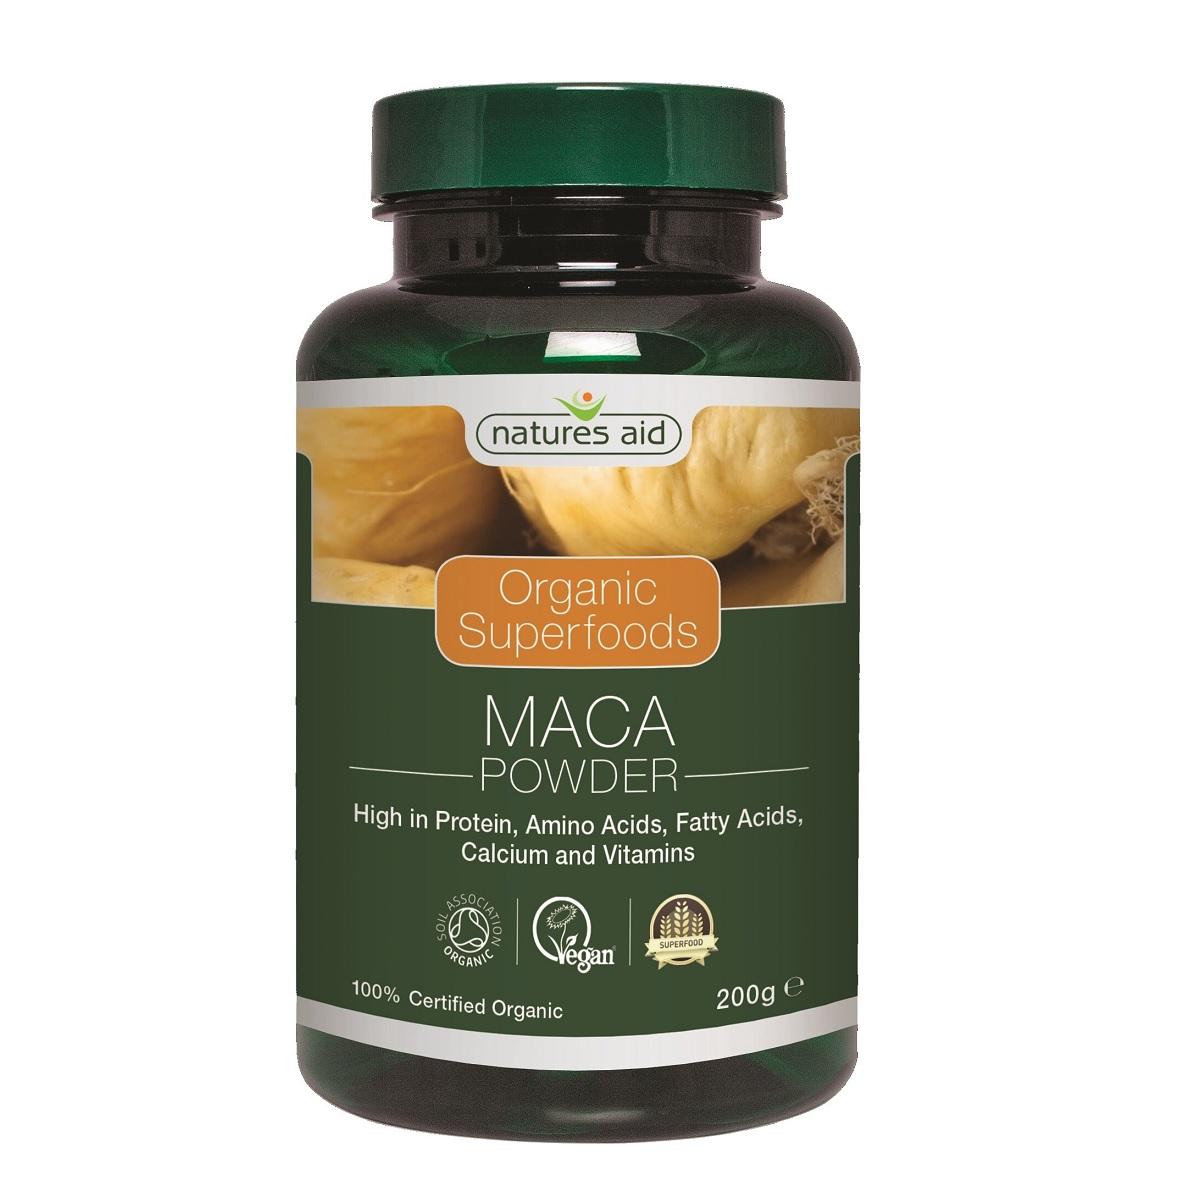 Pudră de maca organică, 200 g, Natures Aid